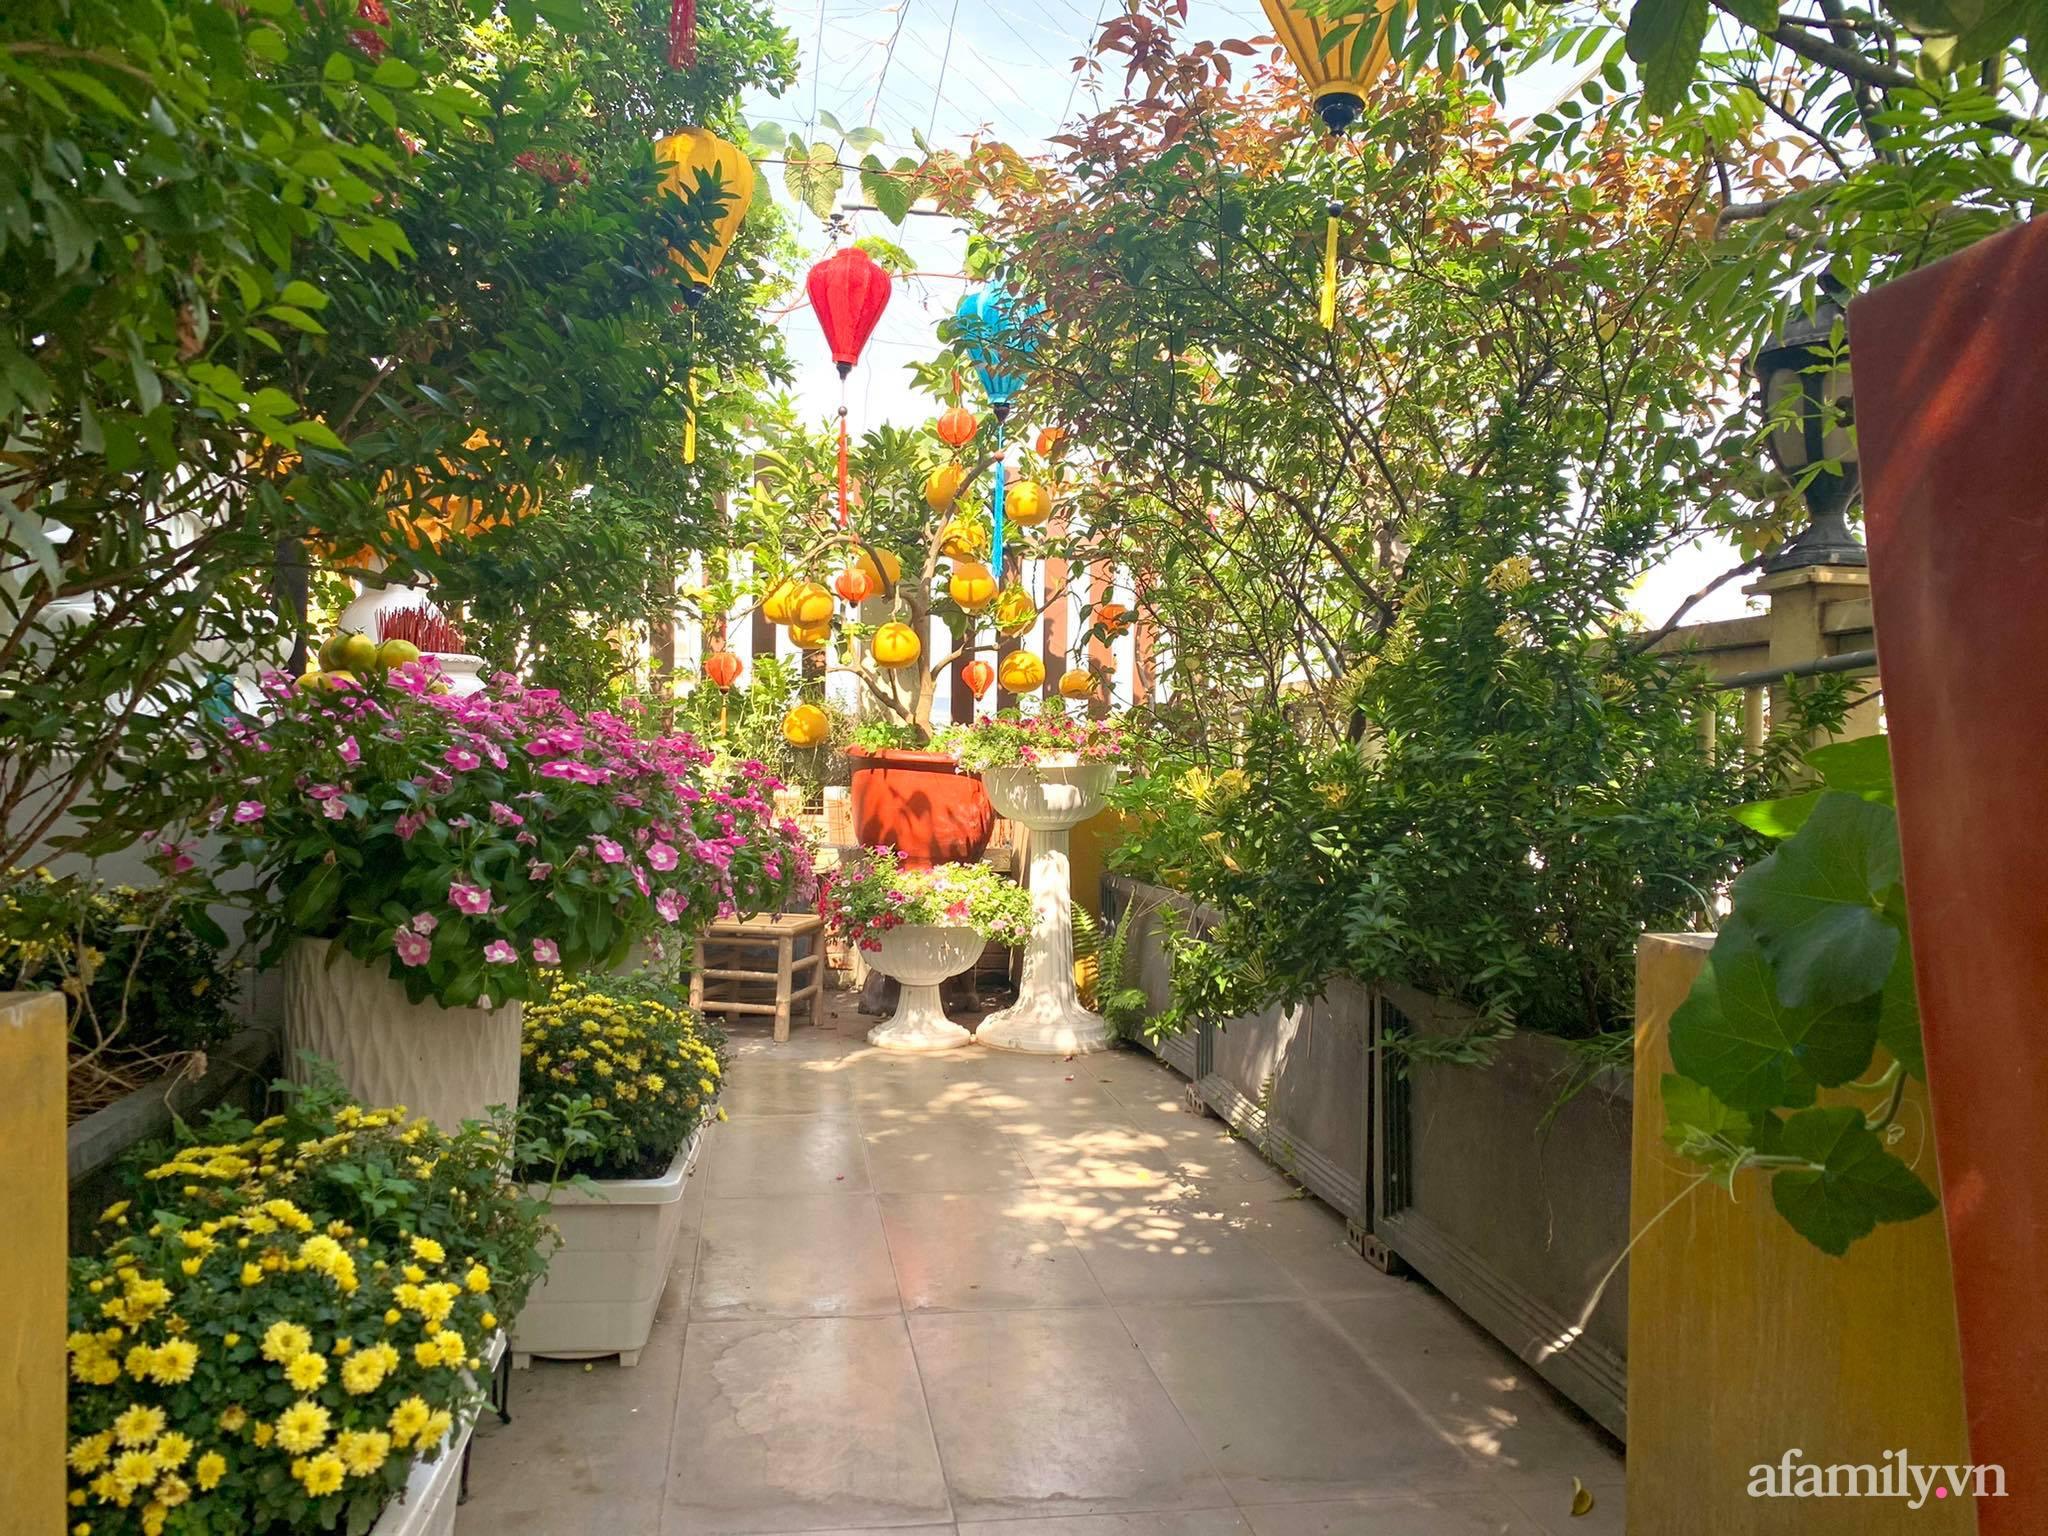 Mùng 1 đầu năm cùng ghé thăm sân thượng mang sắc màu Tết truyền thống của mẹ đảm ở Sài Gòn-37